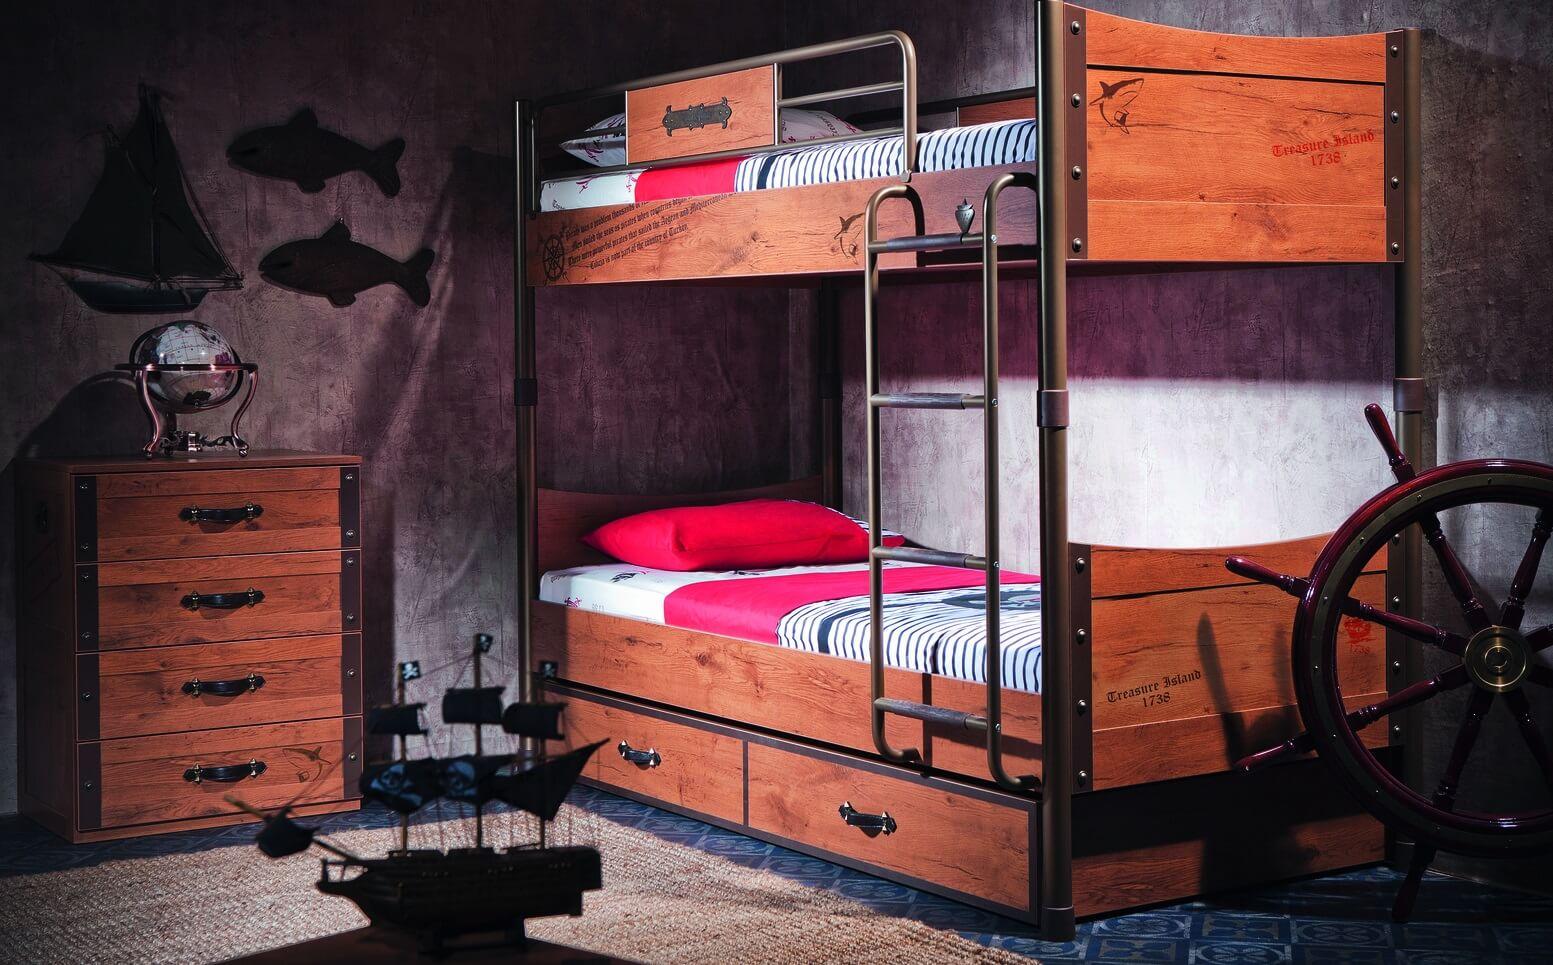 Двухъярусная кровать с рабочей зоной: двухэтажная модель с письменным столом внизу - с рабочим местом, модели для подростков